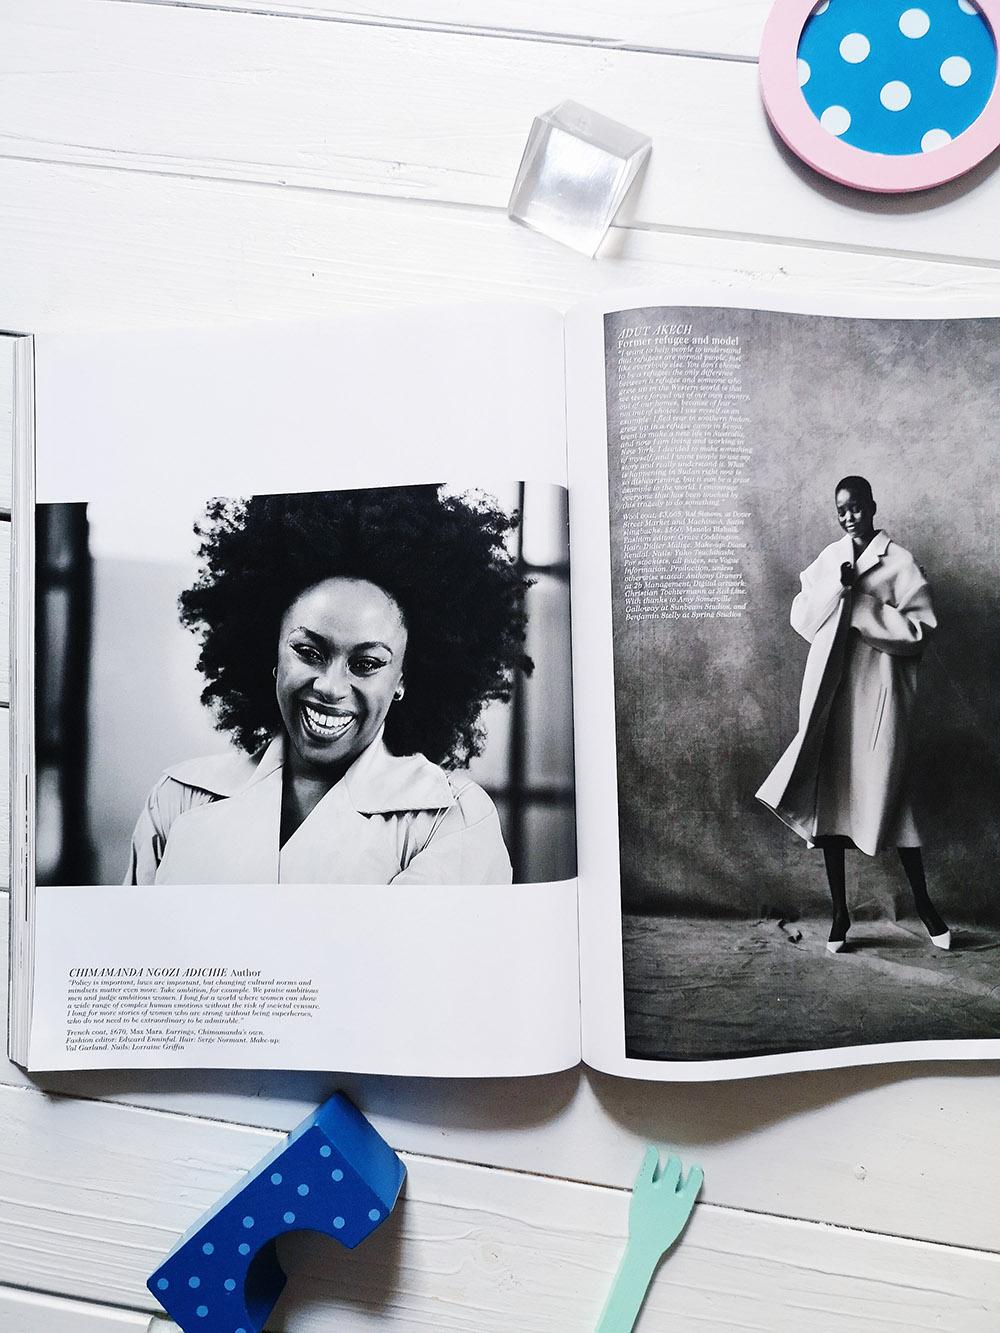 British Vogue / Sept 2019 / Forces of Change